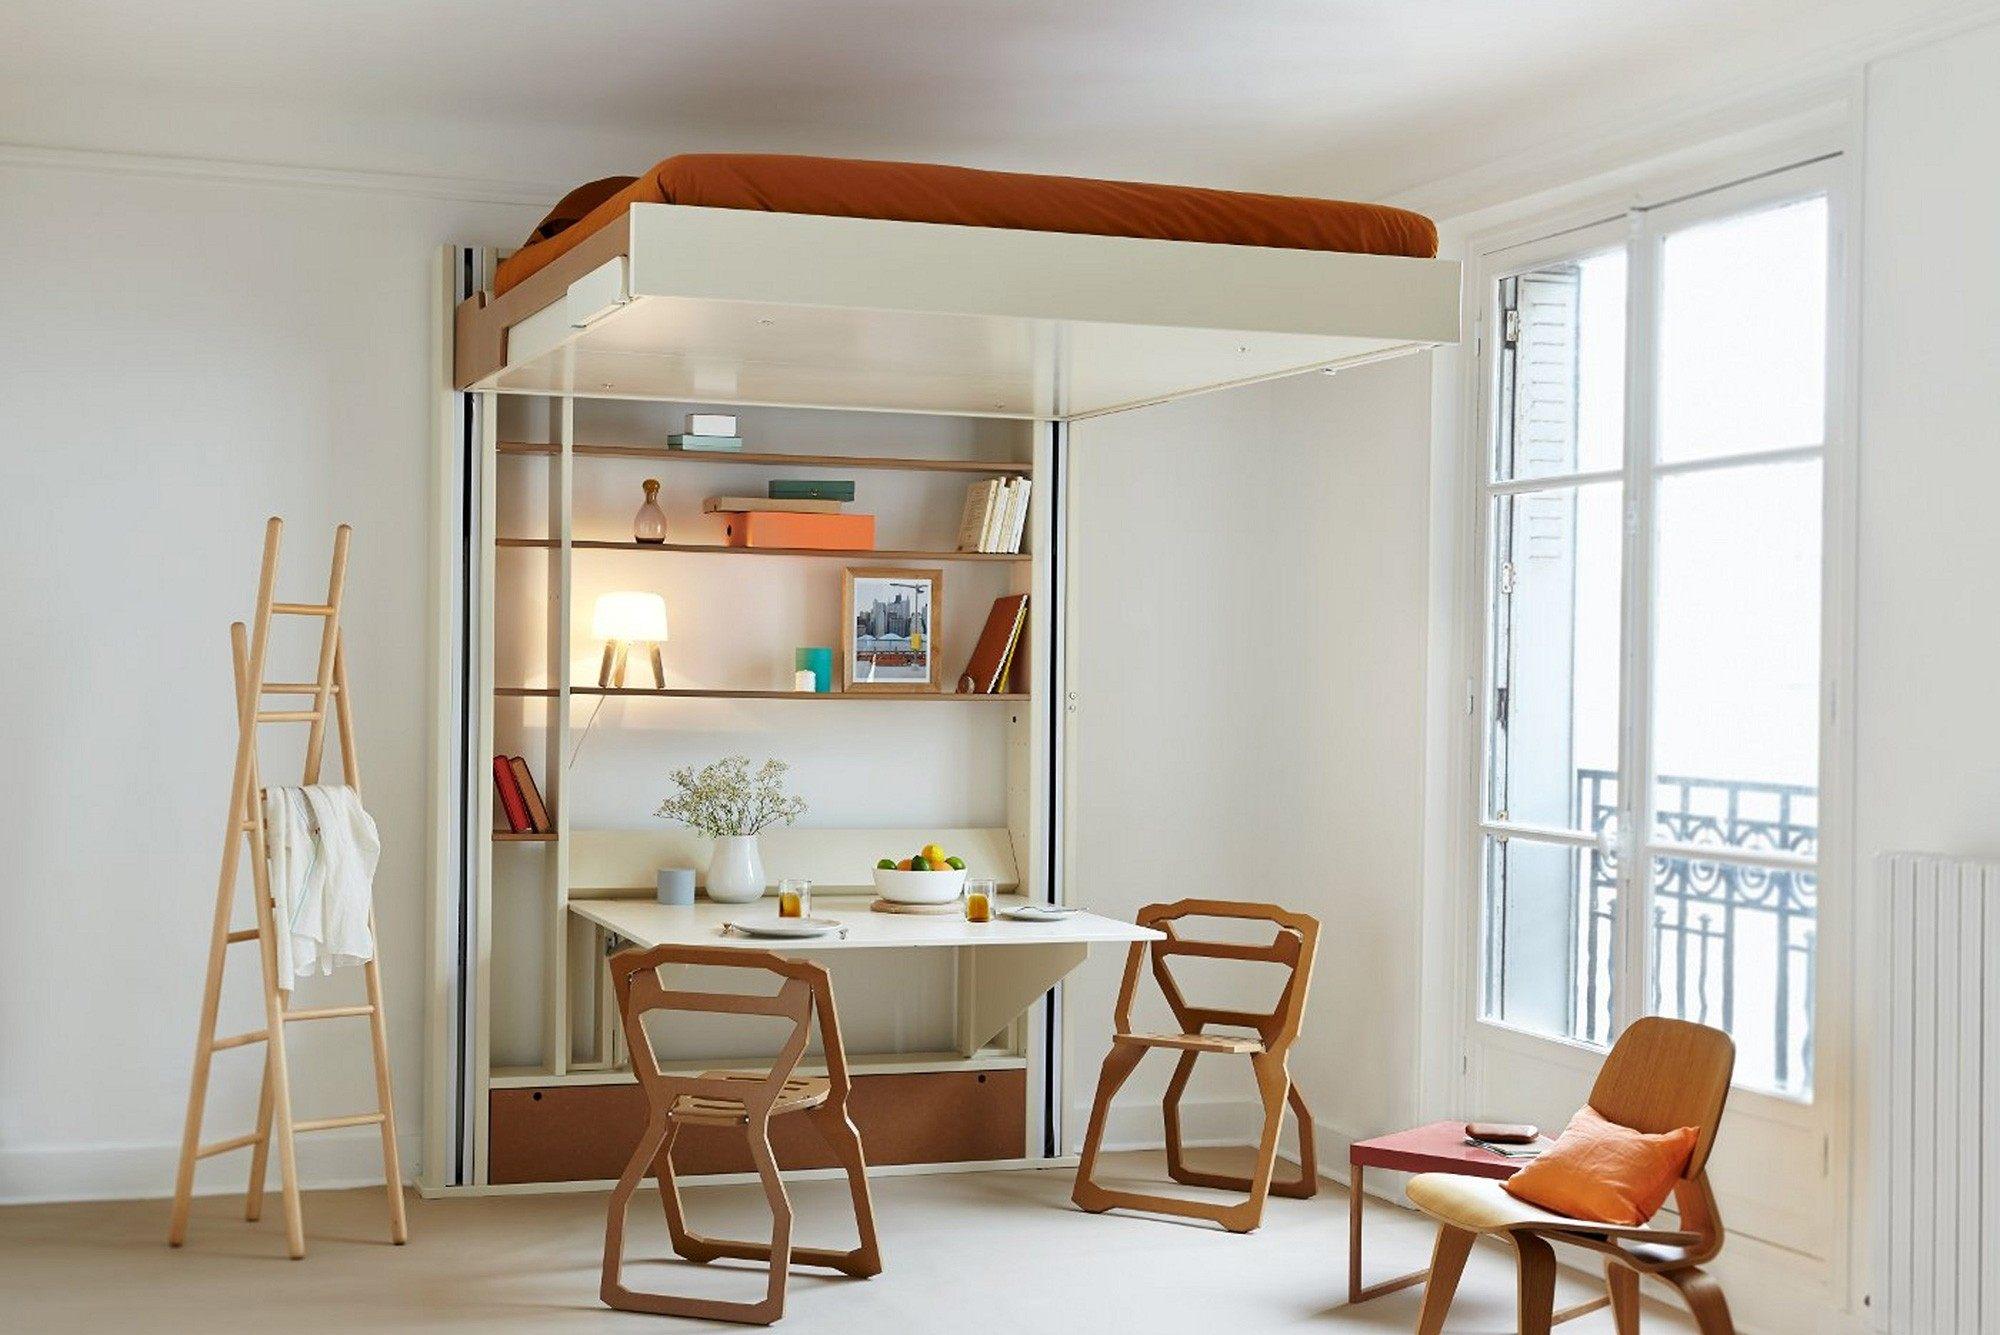 Lit Pliable 2 Places Beau Lit Armoire 2 Places Beautiful ¢Ë†Å¡ Lit Pliant 2 Places Lit Ikea